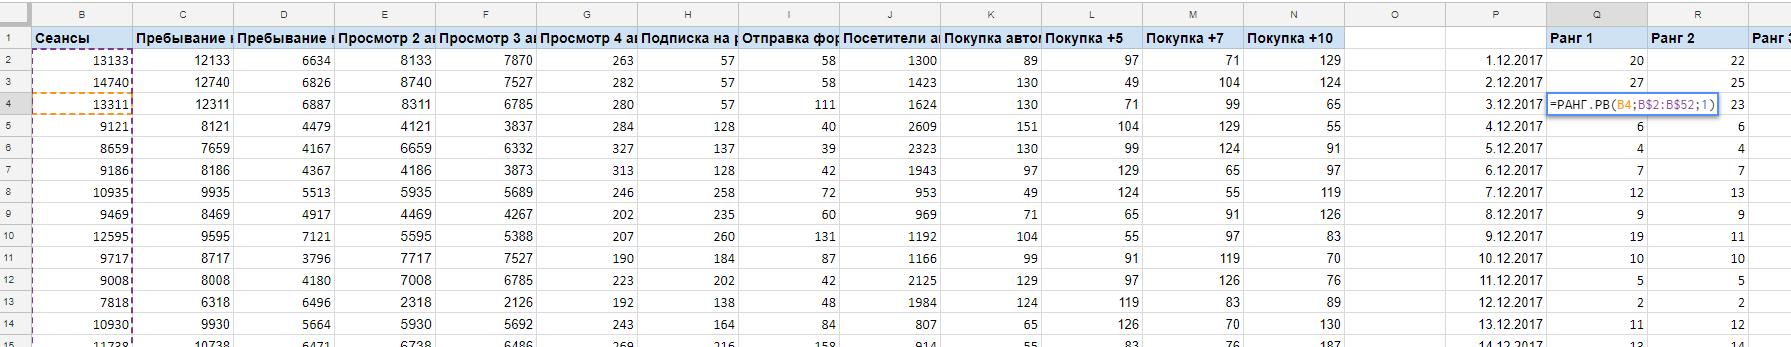 Определяем ранги чисел